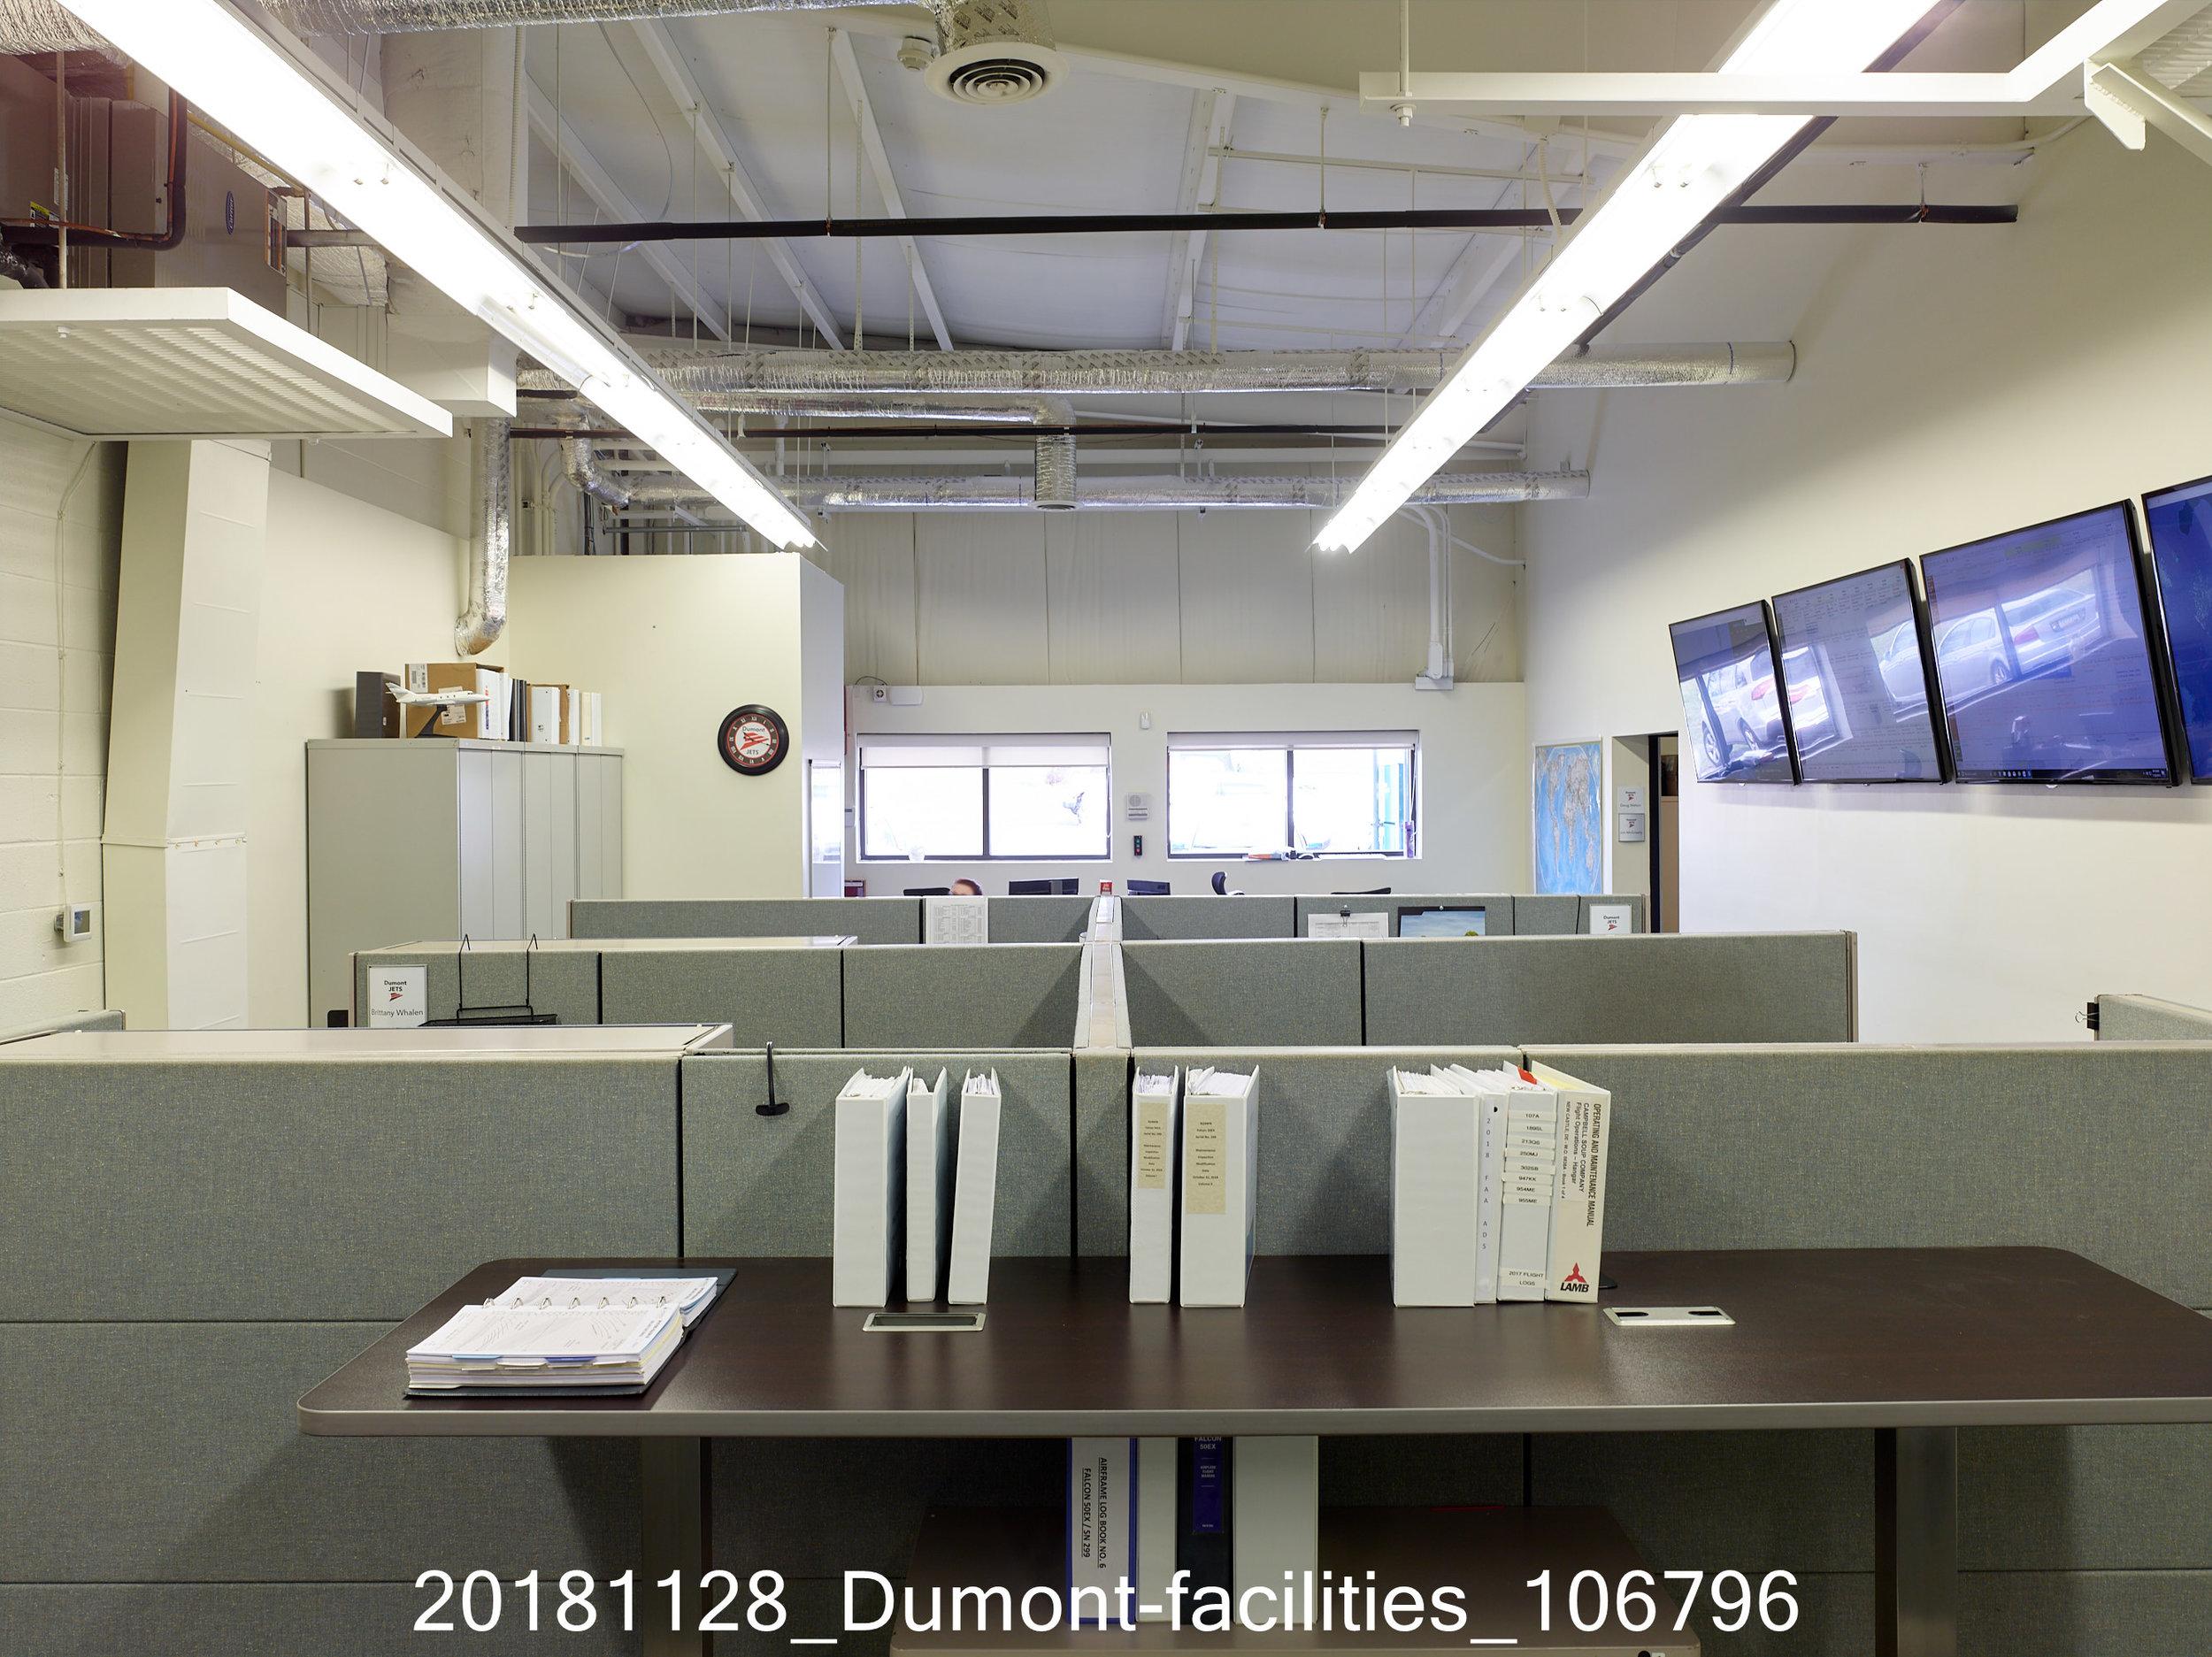 20181128_Dumont-facilities_106796.jpg